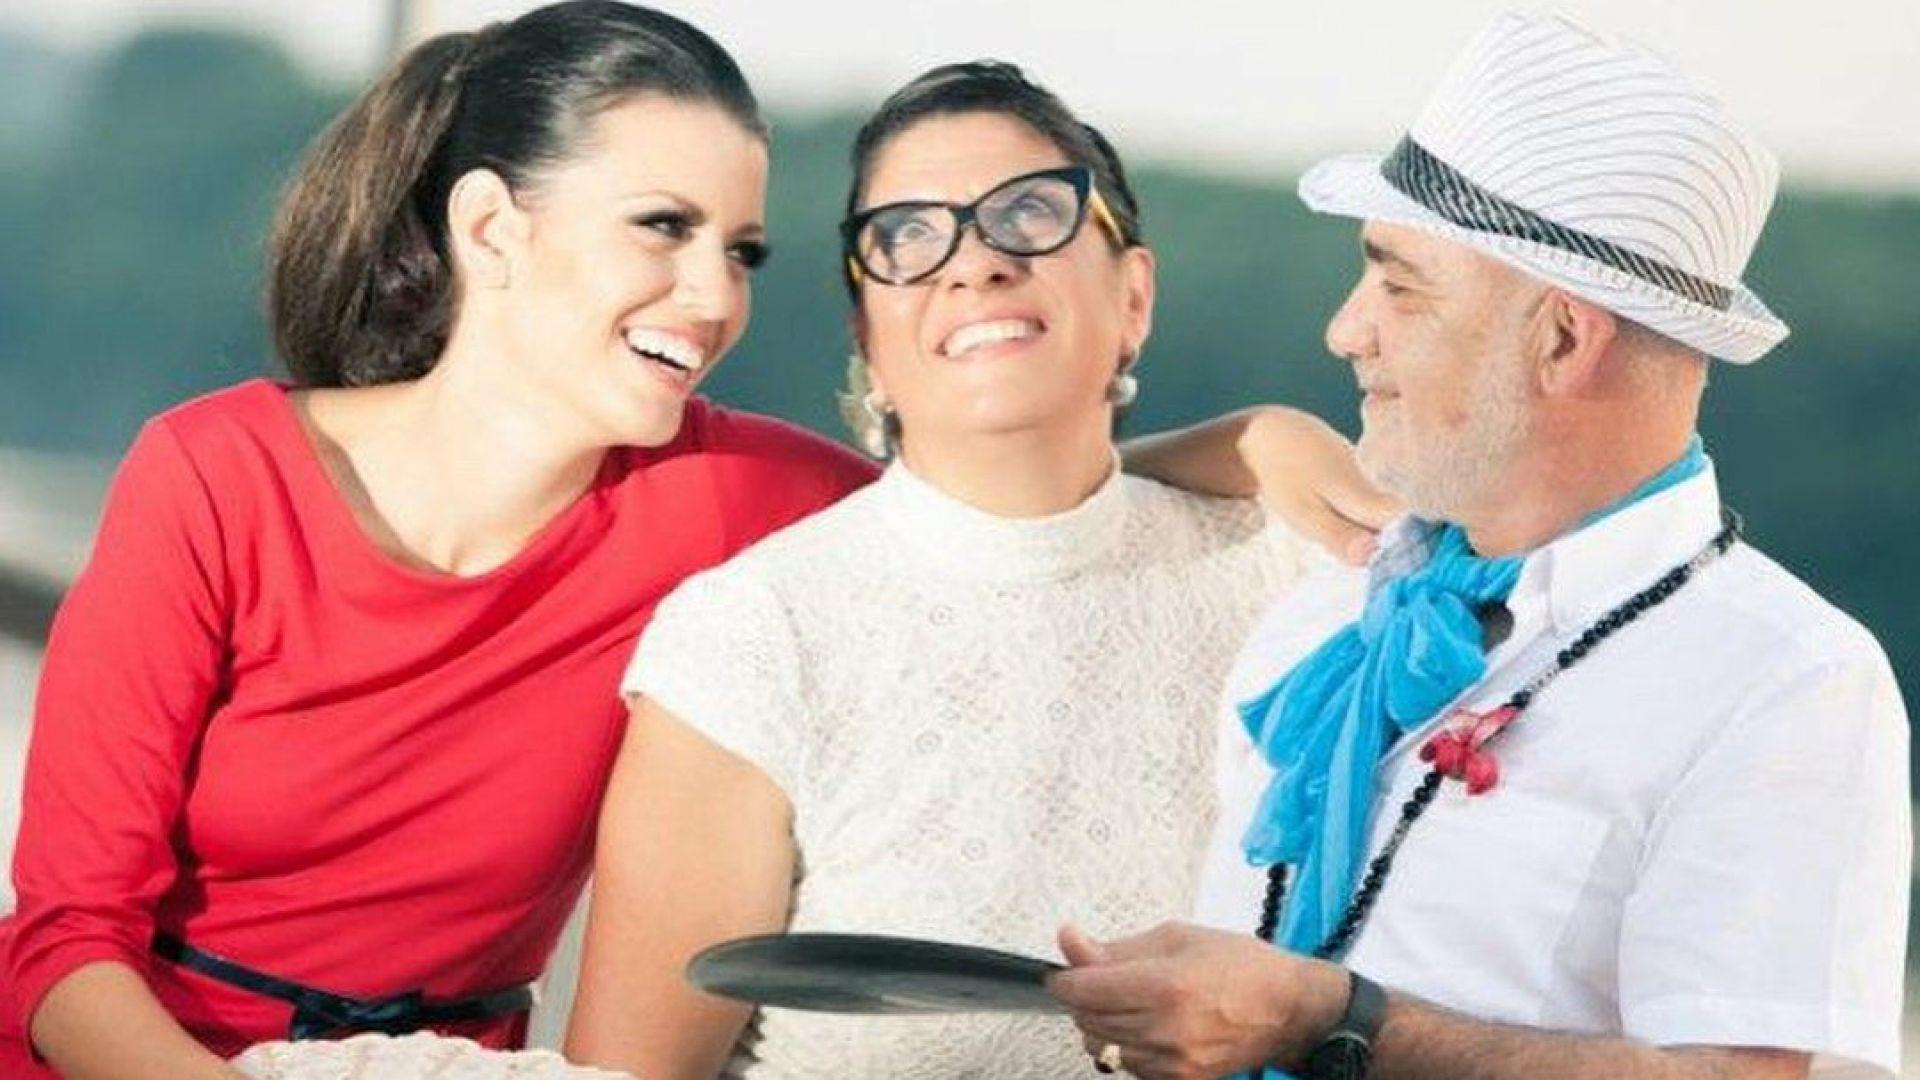 Ралица Паскалева поздрави майка си за РД със серия хубави спомени